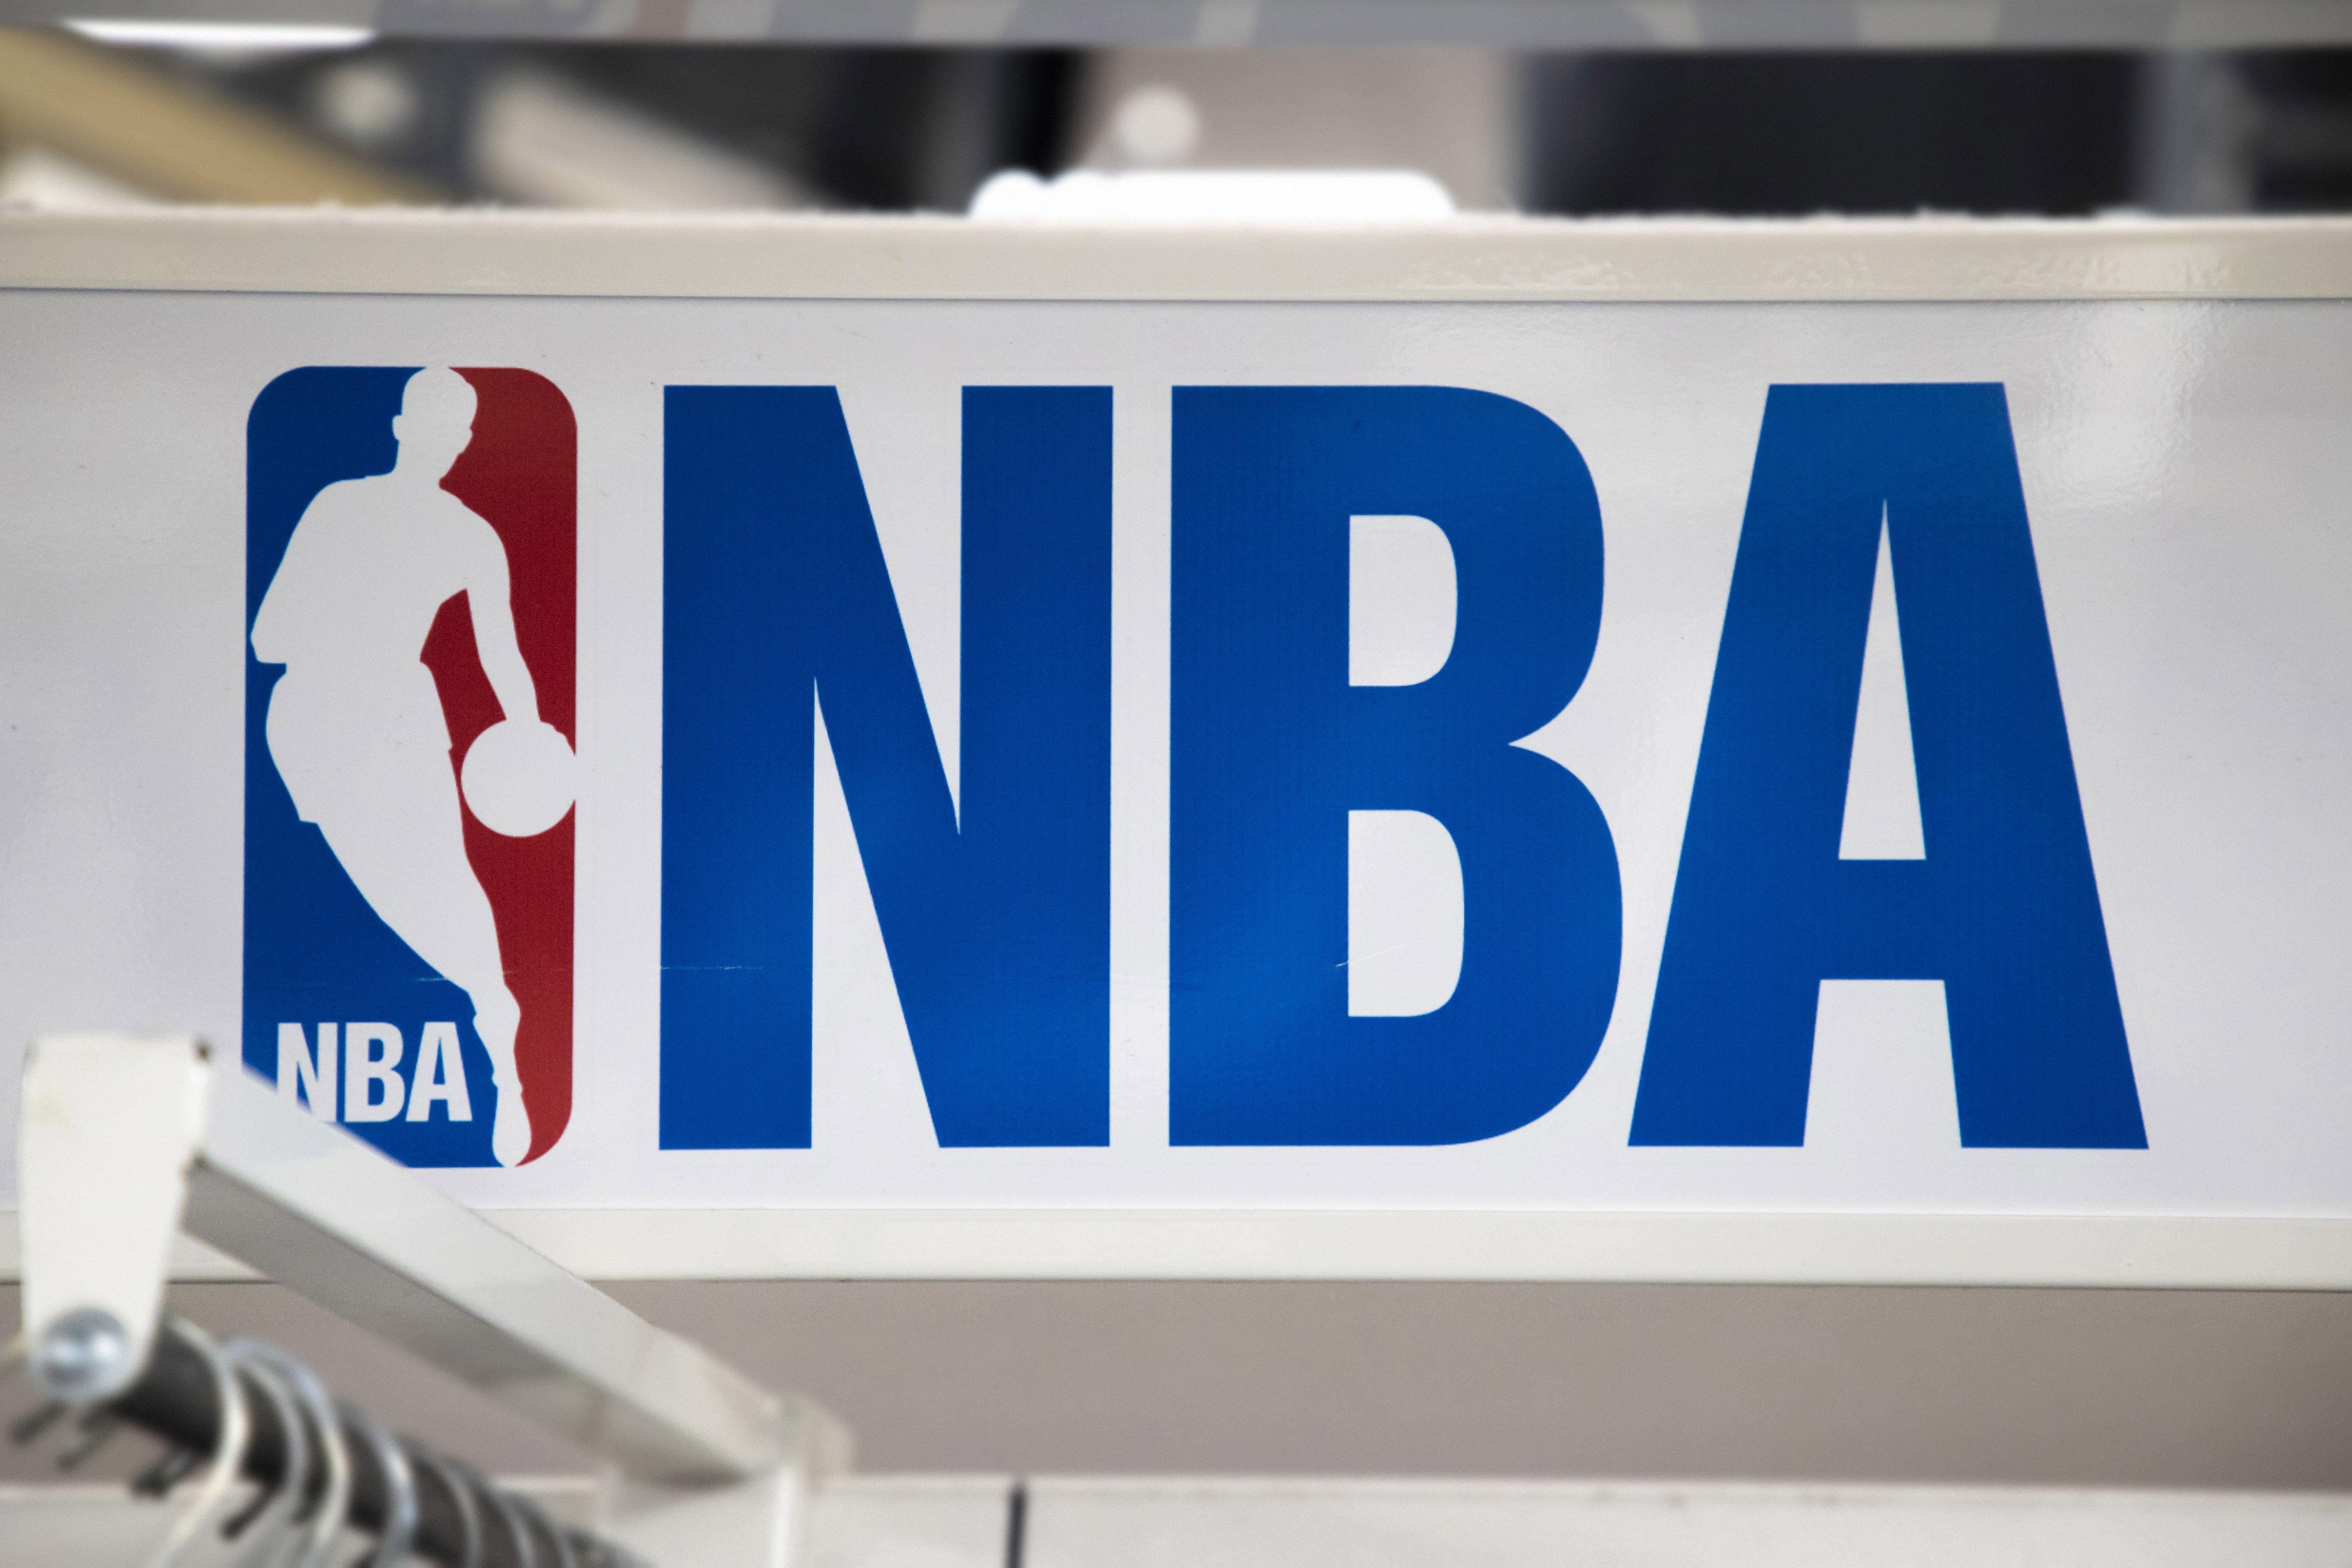 Regulārais čempionāts pirmo reizi ar 72 mačiem! Kā tiks izspēlēta jaunā NBA sezona?